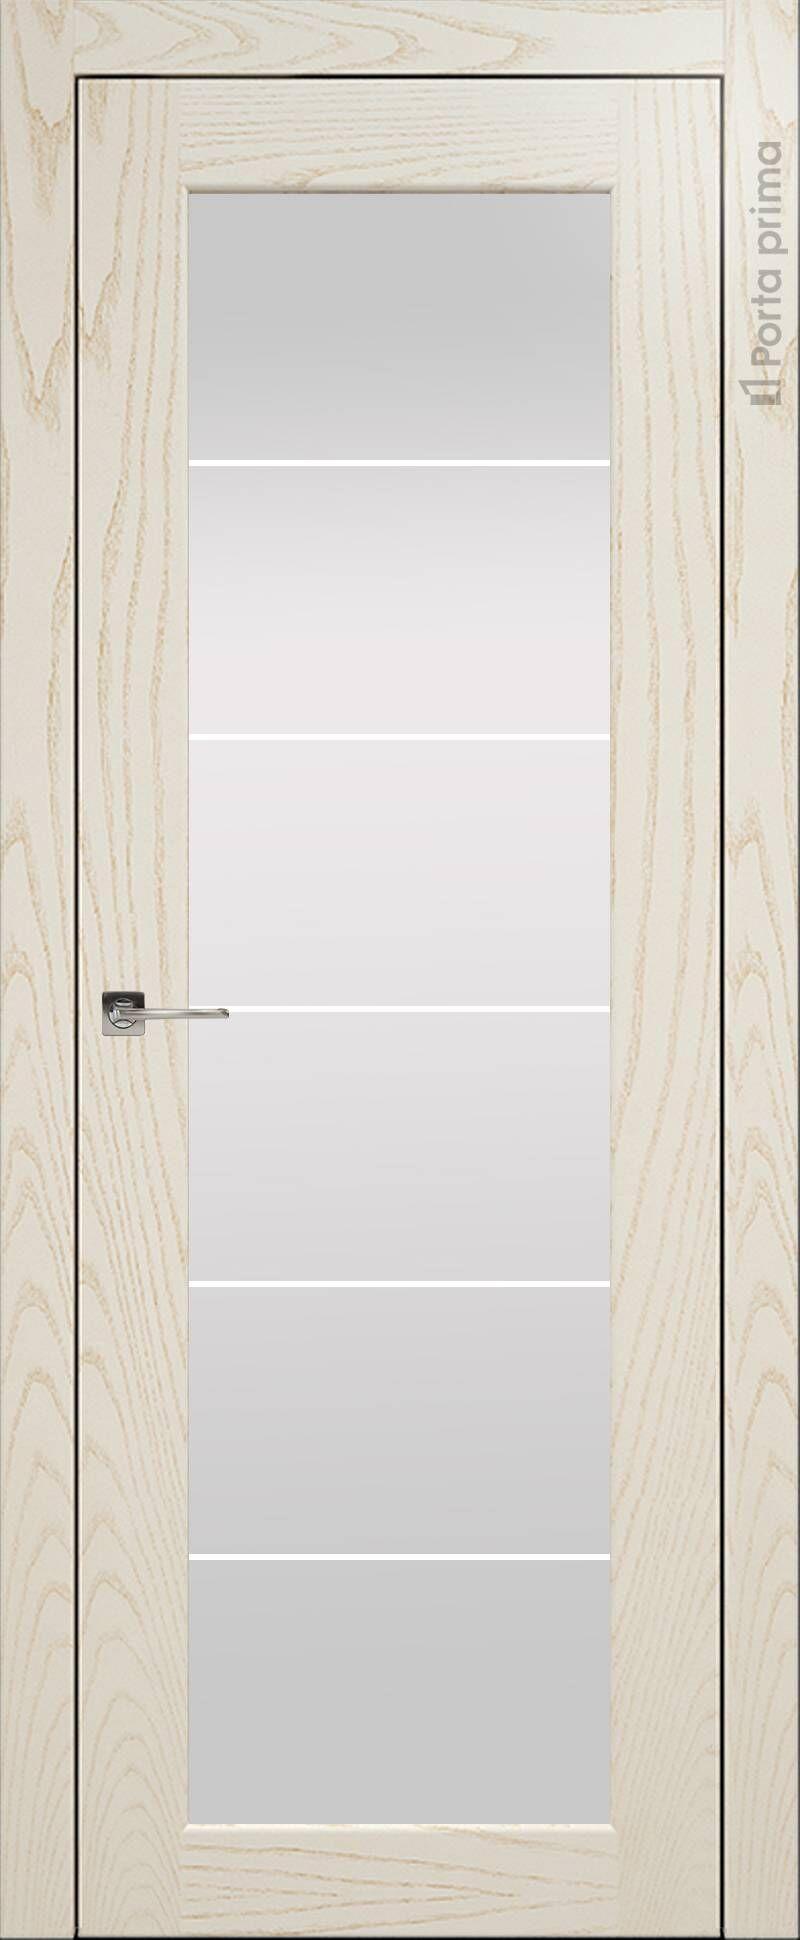 Sonata цвет - Ясень бежевая эмаль Со стеклом (ДО)